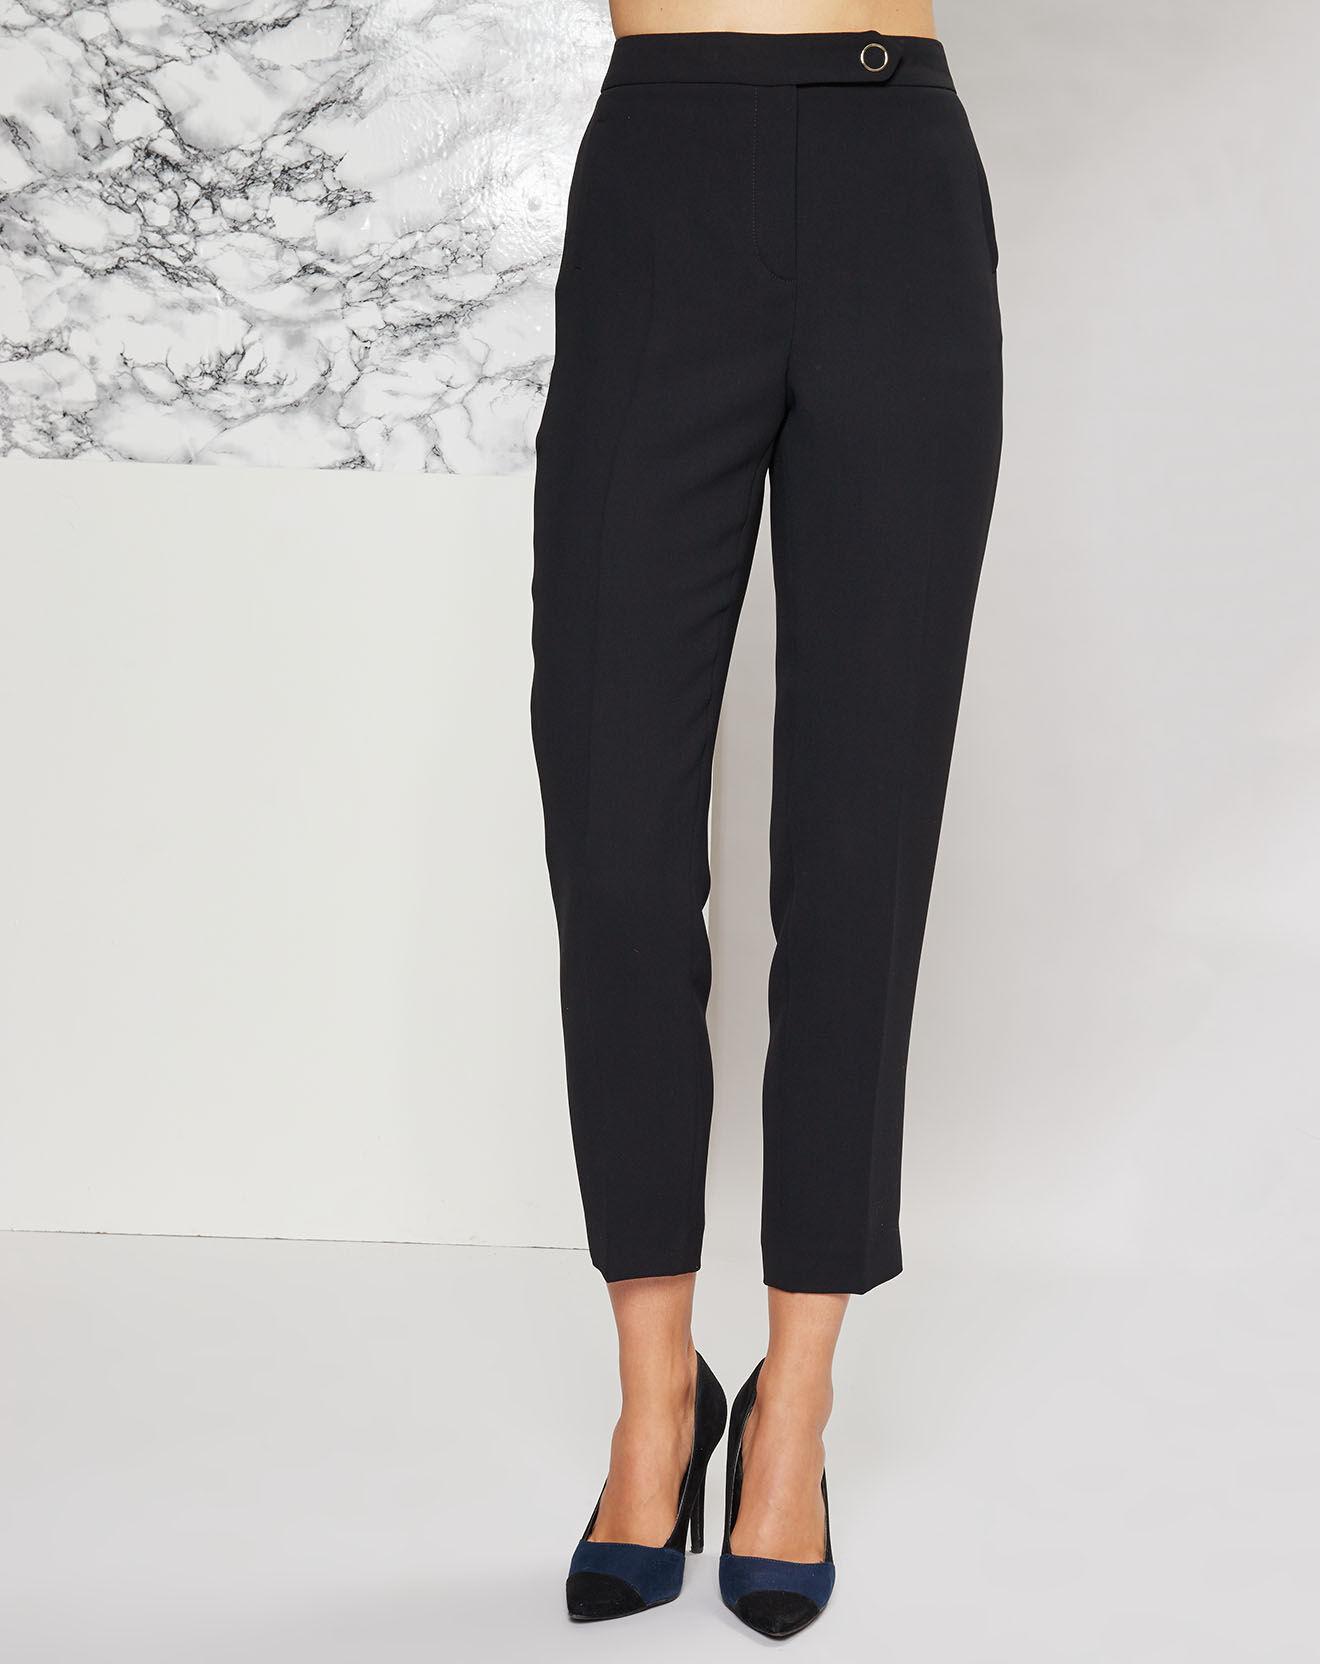 Pantalon à pinces Tamarin noir